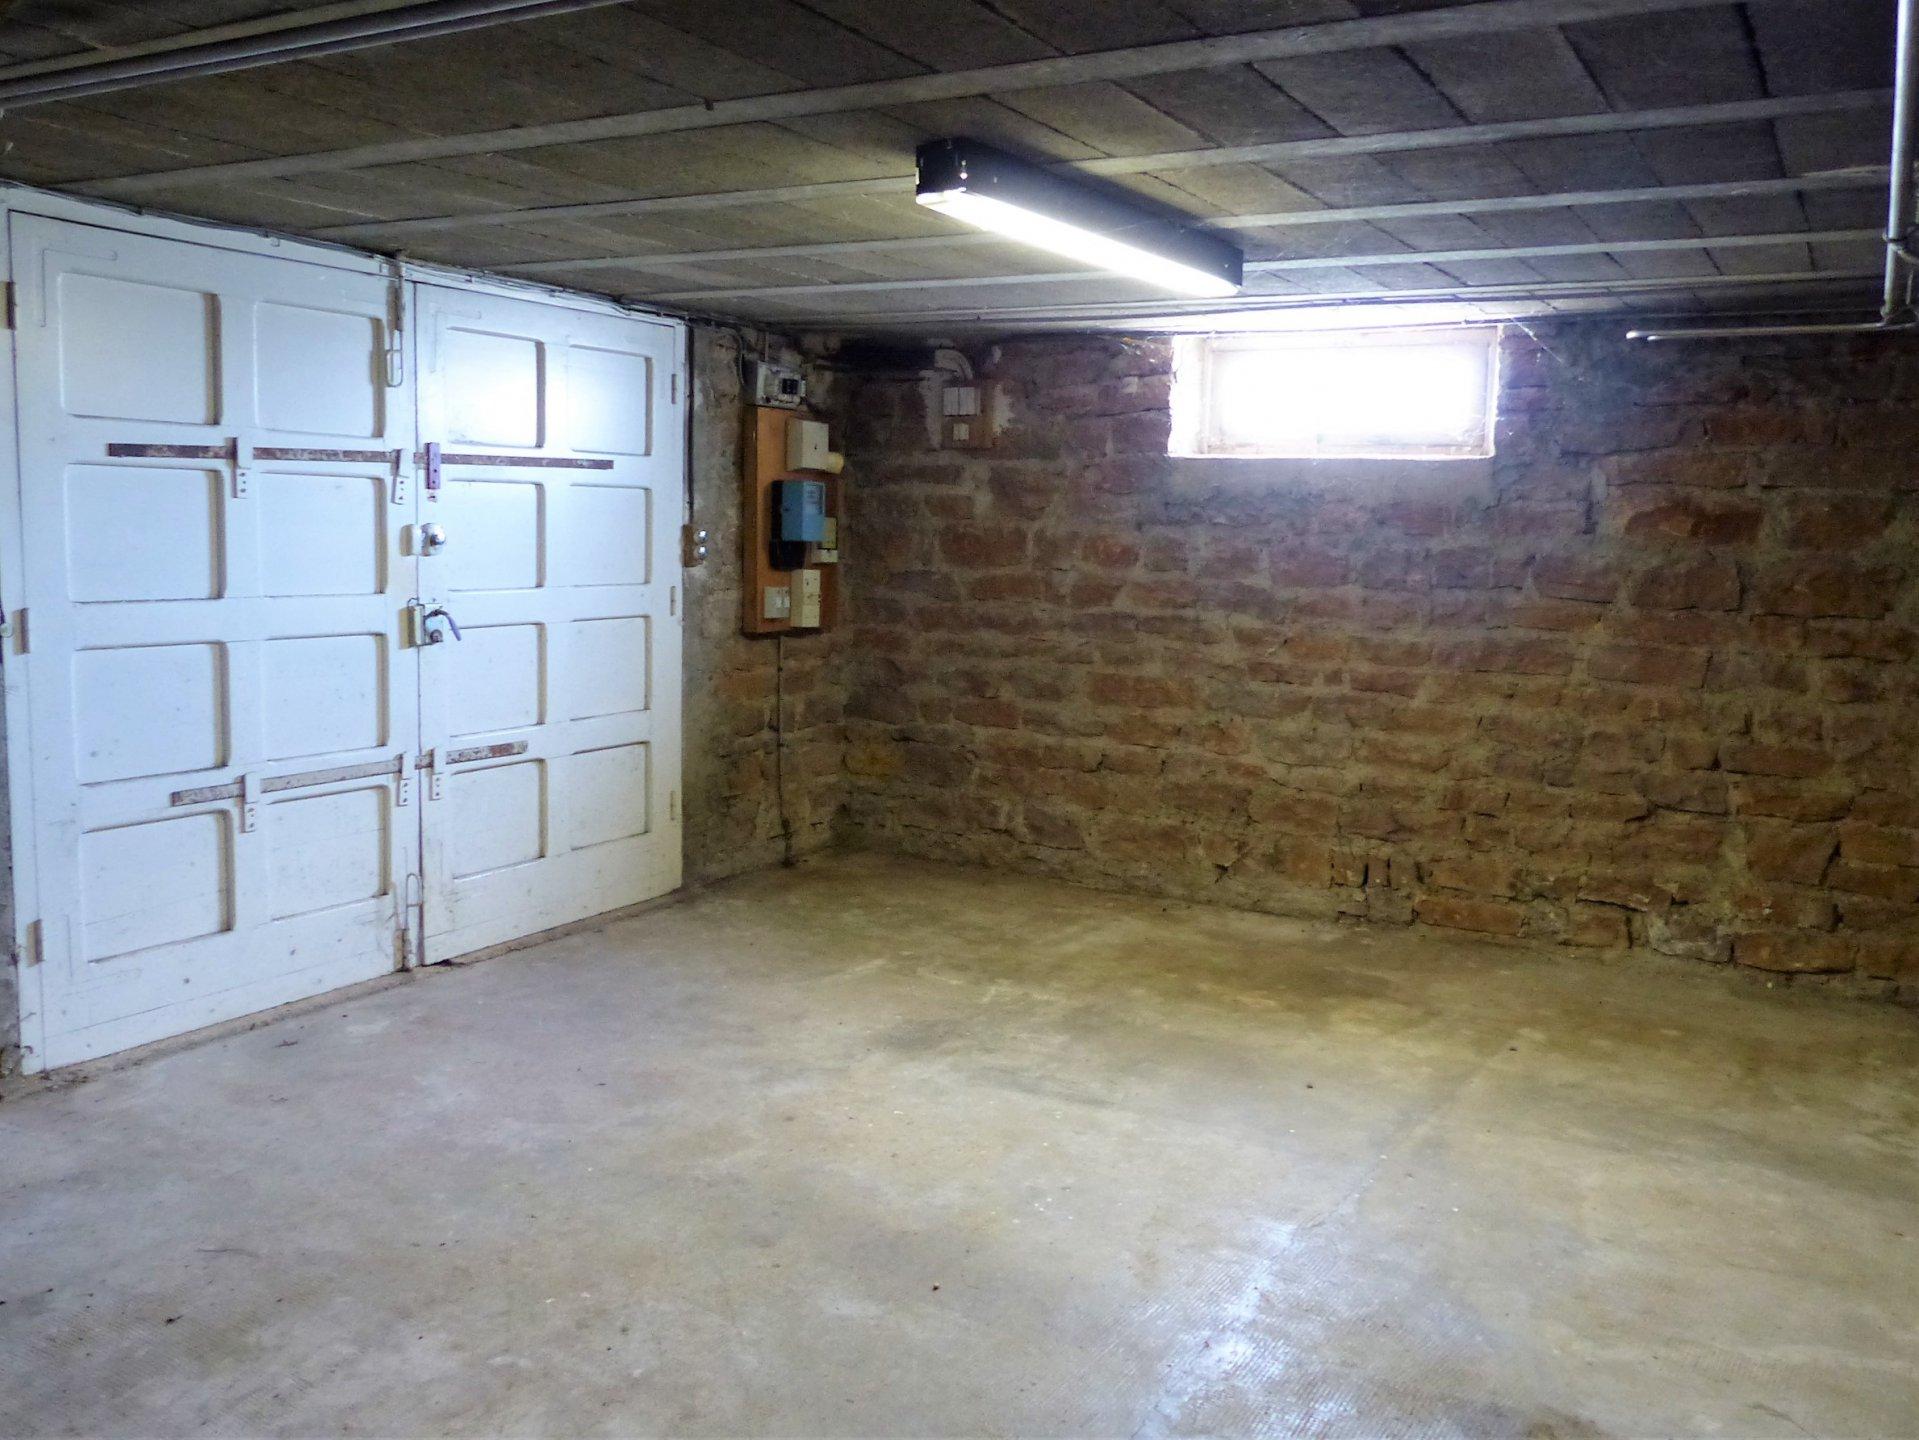 SOUS COMPROMIS DE VENTE A 10 mn à pied du centre de Flacé (Mâcon), proche de toutes les commodités ainsi que des écoles, tout en étant au calme et sans vis à vis, ancienne maison bourgeoise à rénover.    Elle se compose d'un sous-sol semi-enterré de 65 m² au rez de chaussée puis d'une cuisine, salon, deux chambres et salle d'eau au 1er étage et enfin de deux grandes chambres avec combles aménageables et salle de bain au second.  Très lumineuse, elle s'ouvre sur un beau terrain clôt de plus de 2100 m² constructible.  Travaux à prévoir mais très gros potentiel ! A visiter sans tarder ! Honoraires inclus à charge vendeurs.